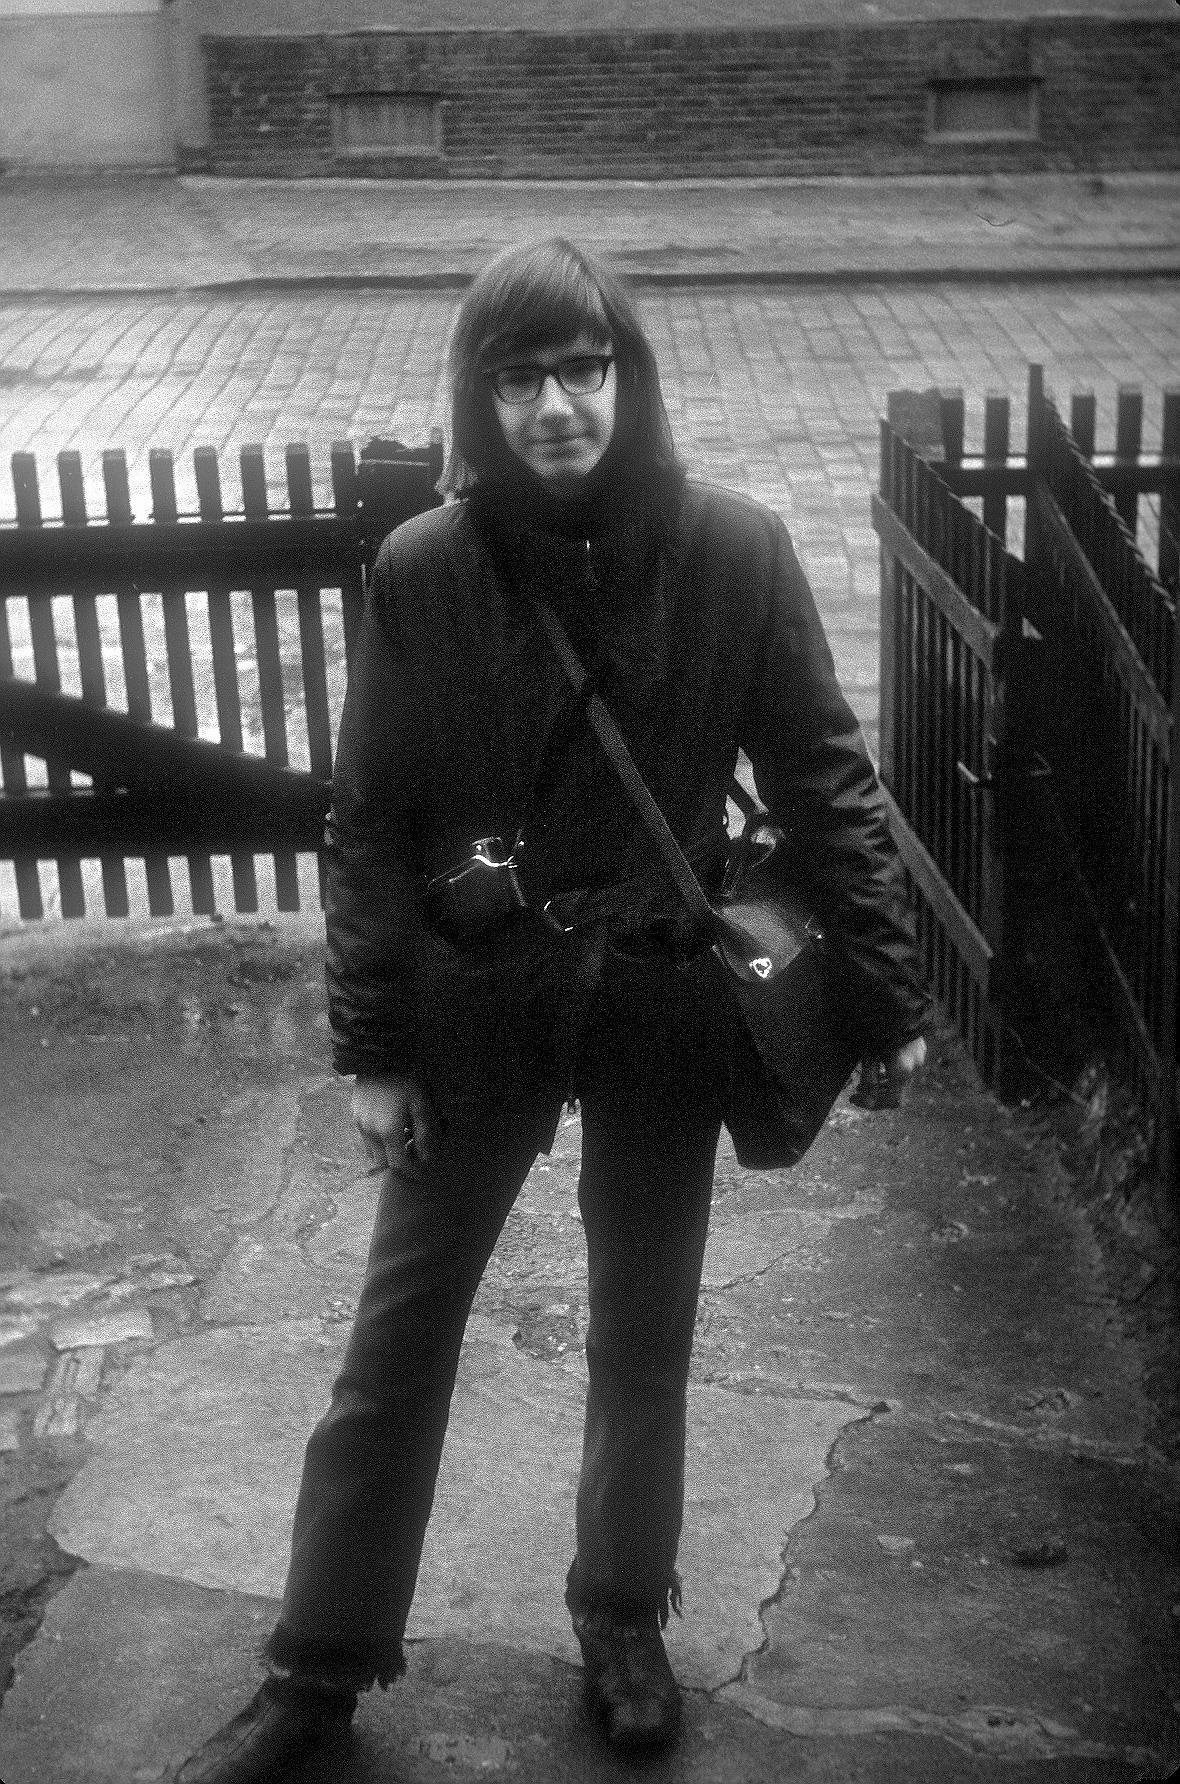 Glaube: Der 16-jährige Christoph Dieckmann – Abitur und Studium wurden ihm vom DDR-Regime verweigert.